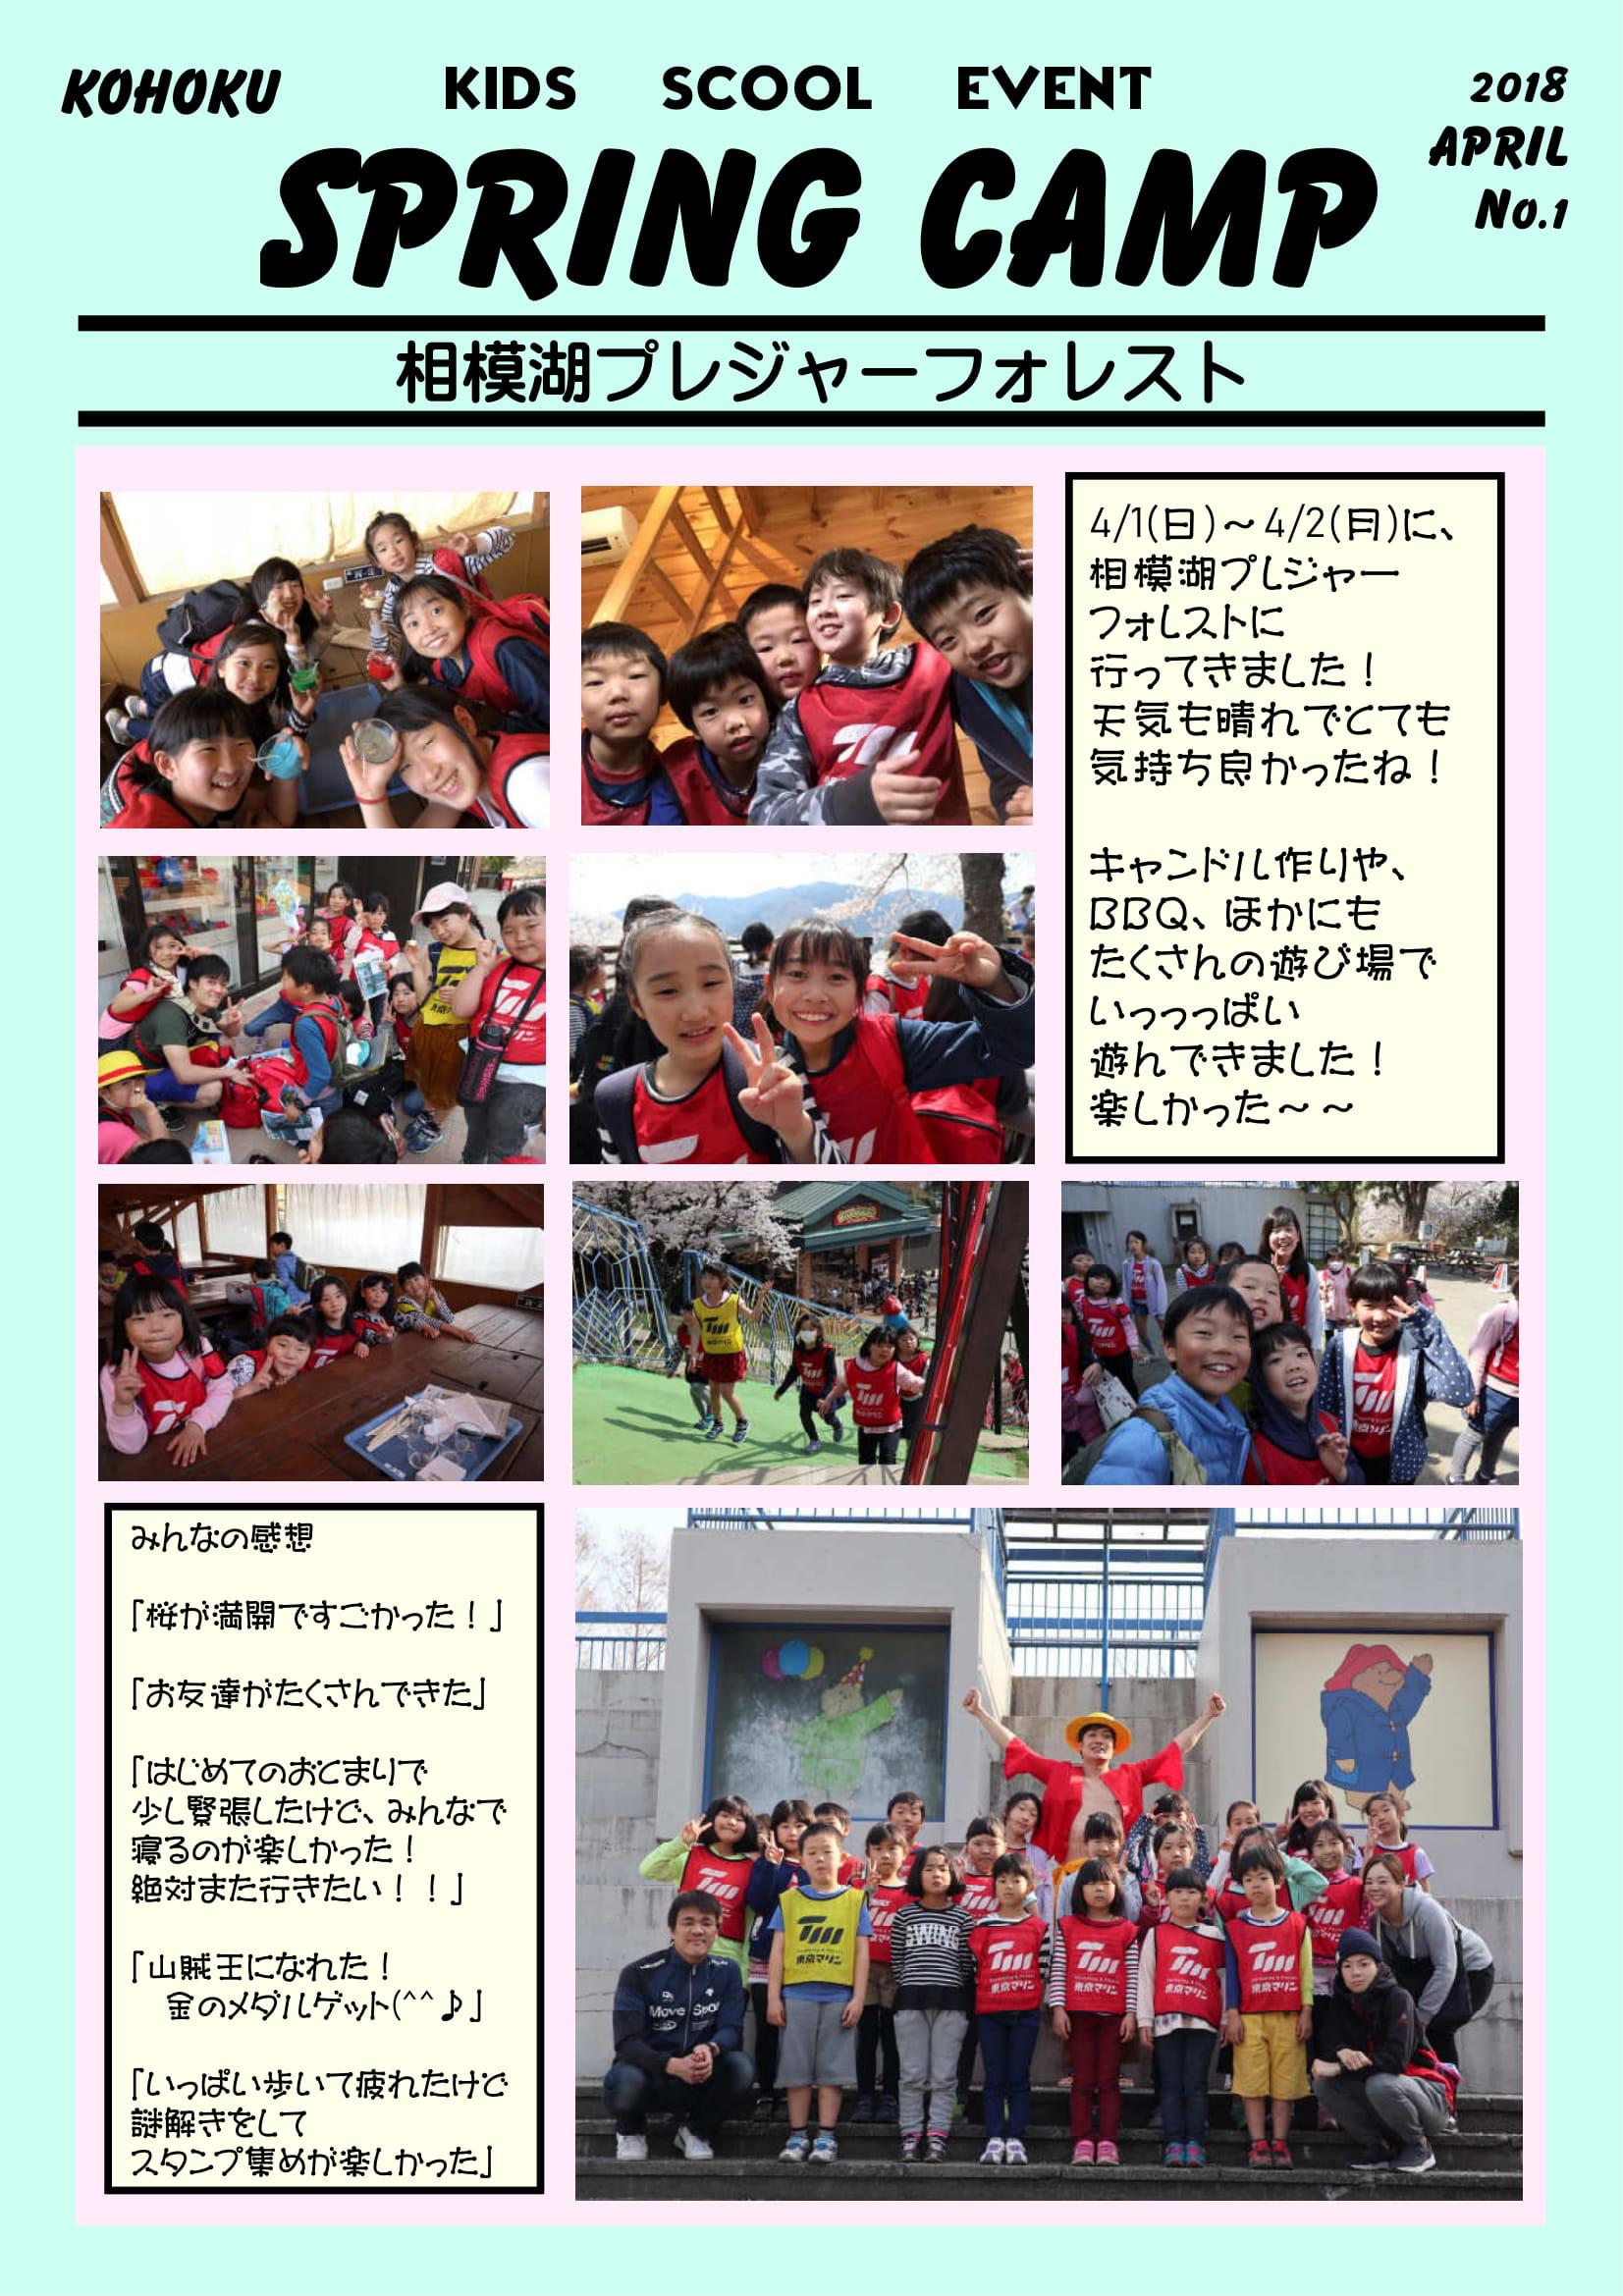 江北フィットネス 「2018年4月1日(日)~4月2日(月) スプリングキャンプ」に行きました。